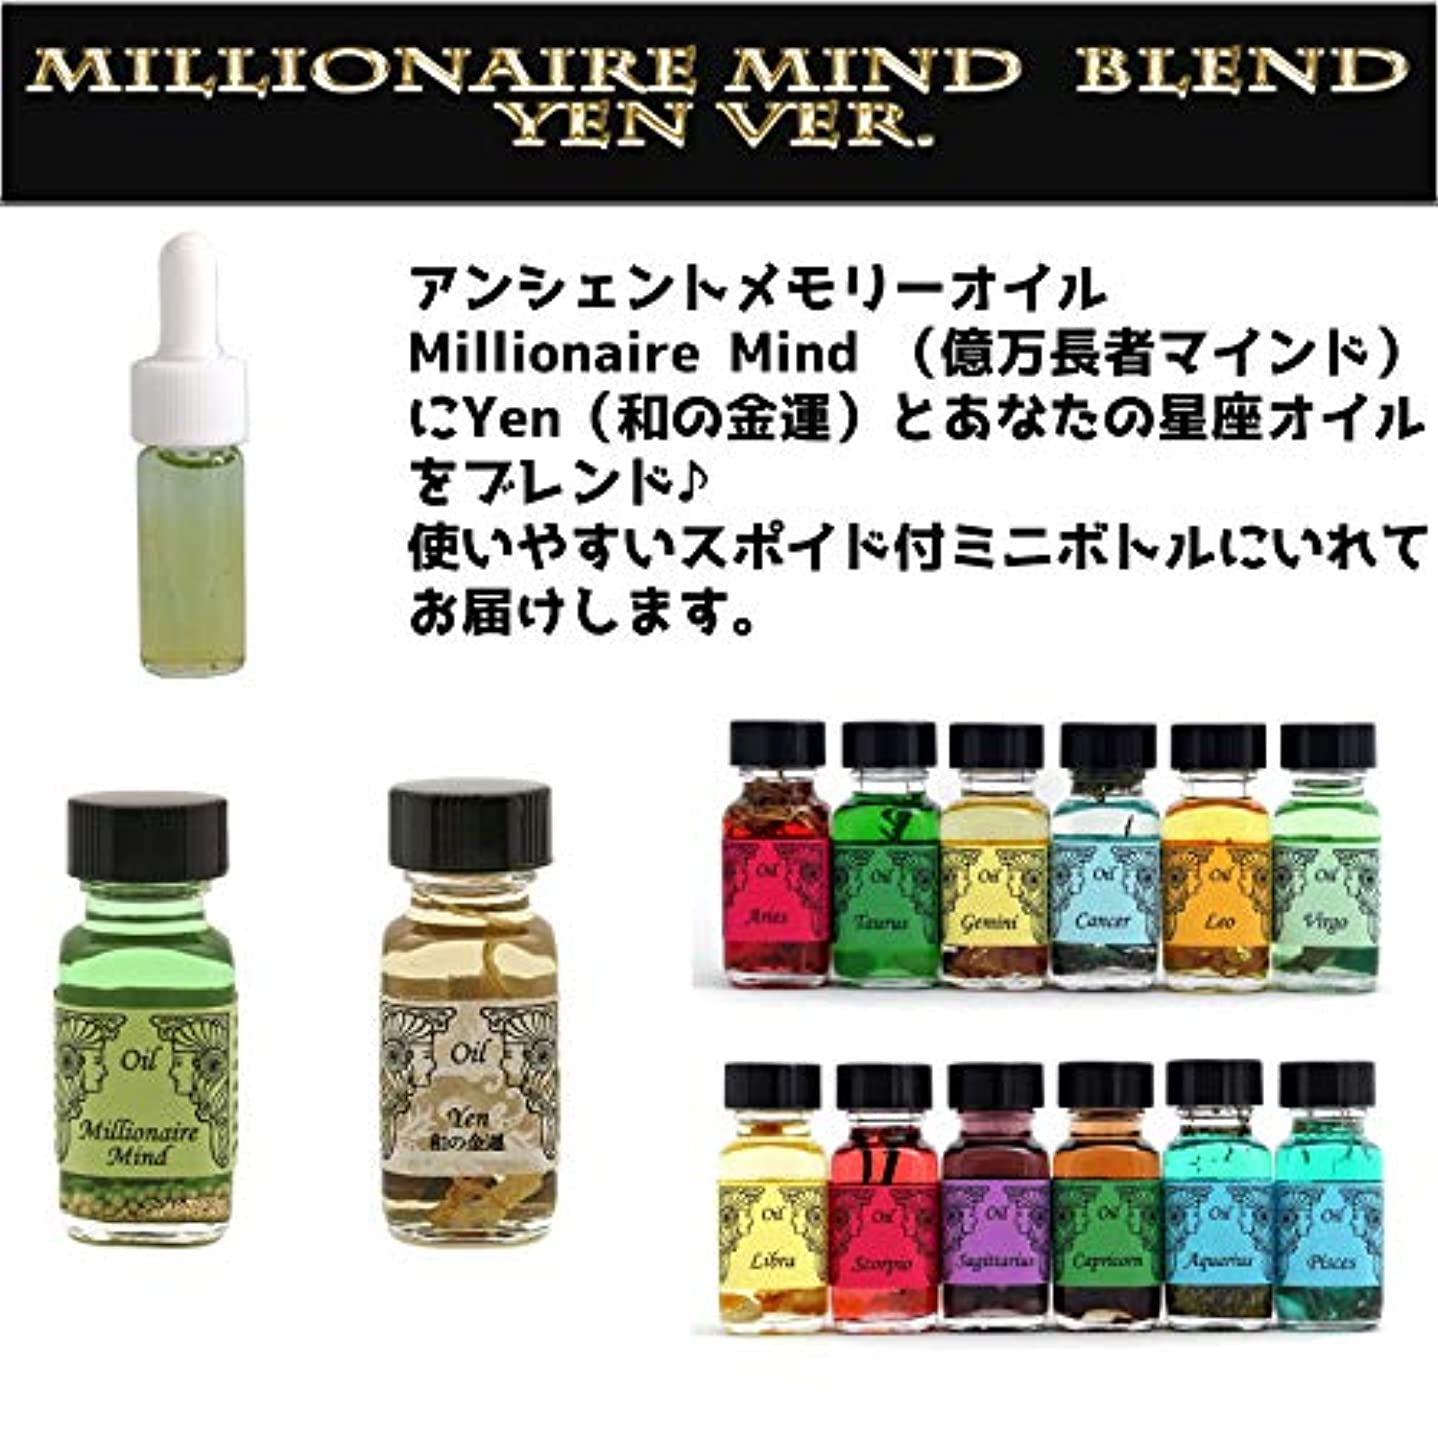 漏れ電極余分なアンシェントメモリーオイル Millionaire Mind 億万長者マインド ブレンド【Yen 和の金運&おとめ座】